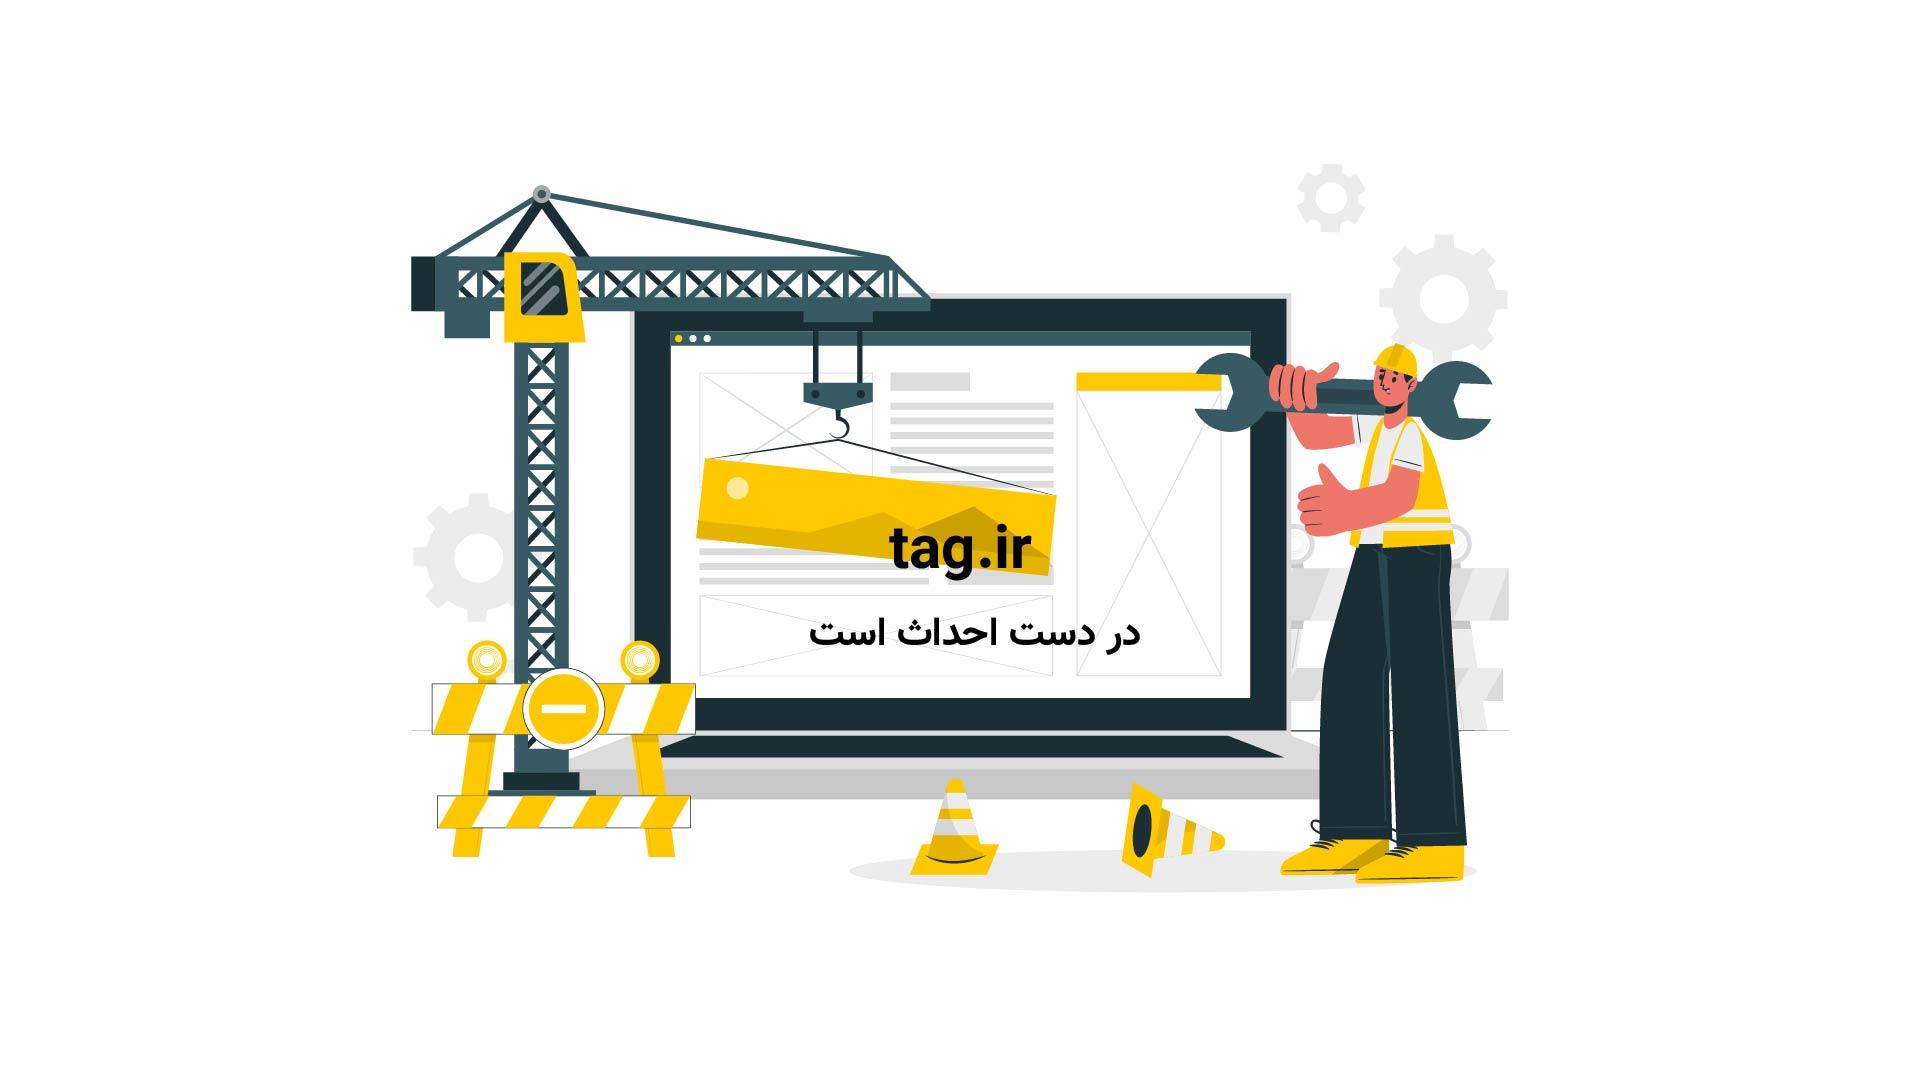 قرار گرفتن روی بال هواپیما چگونه است   فیلم